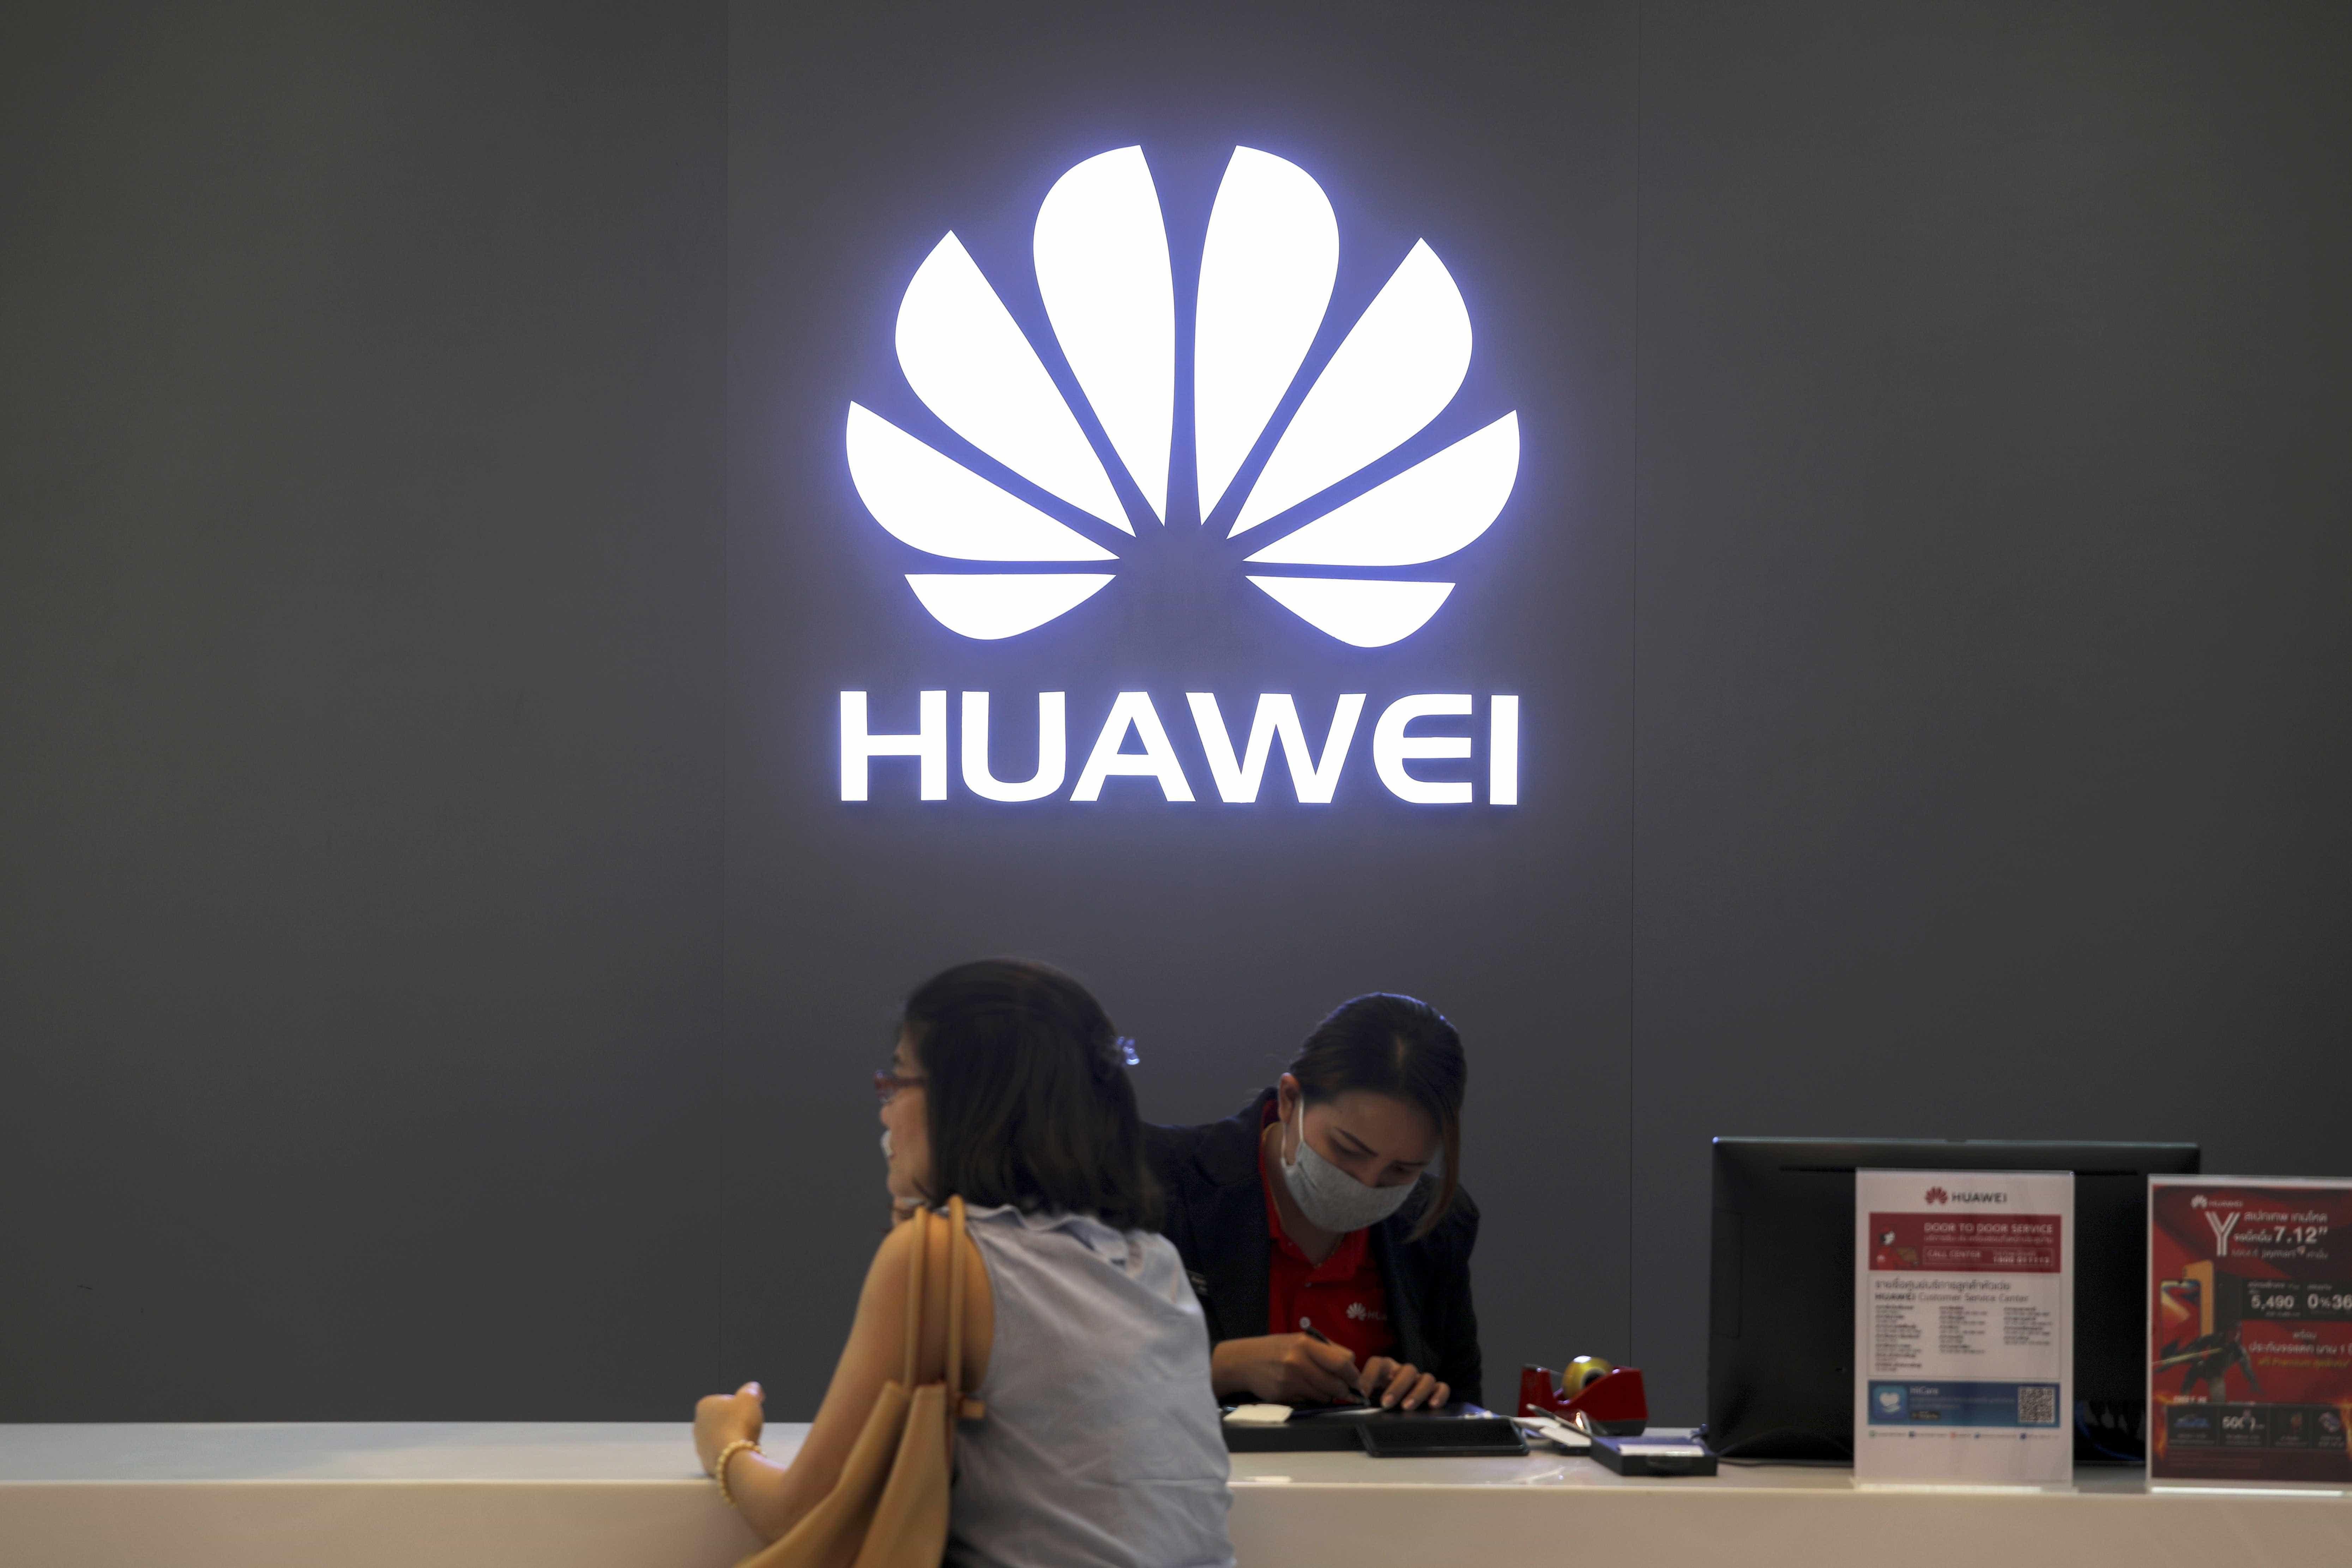 Google corta acesso da Huawei ao sistema Android